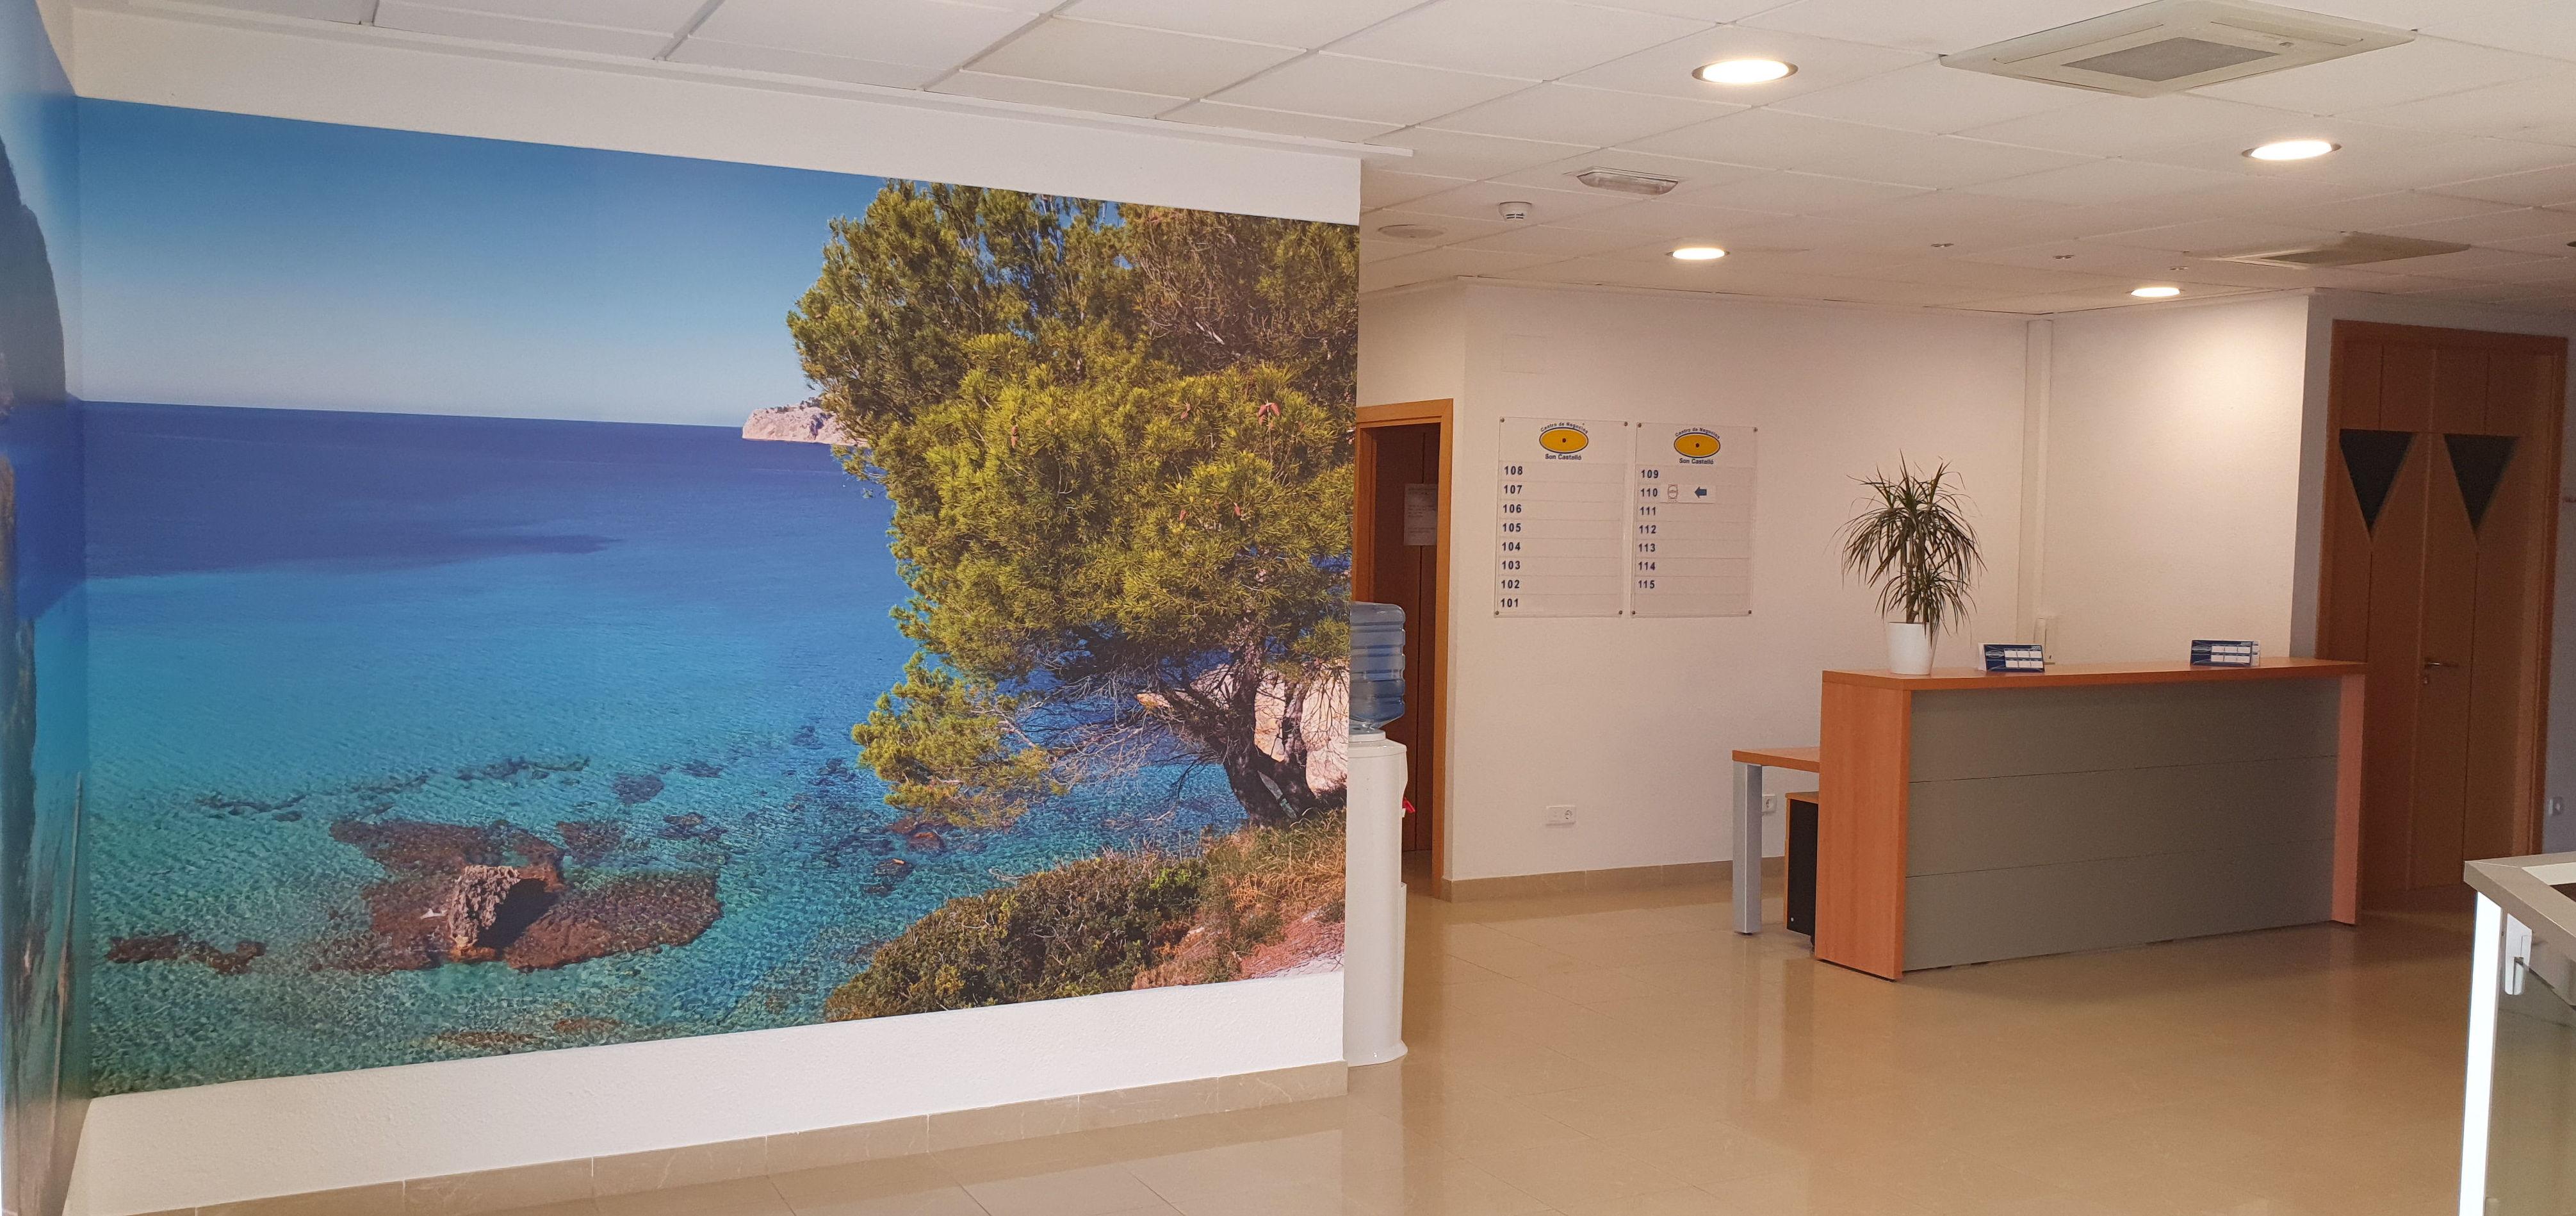 Foto 1 de Alquiler salas totalmente equipadas en Palma de Mallorca | Centro de negocios Son Castelló